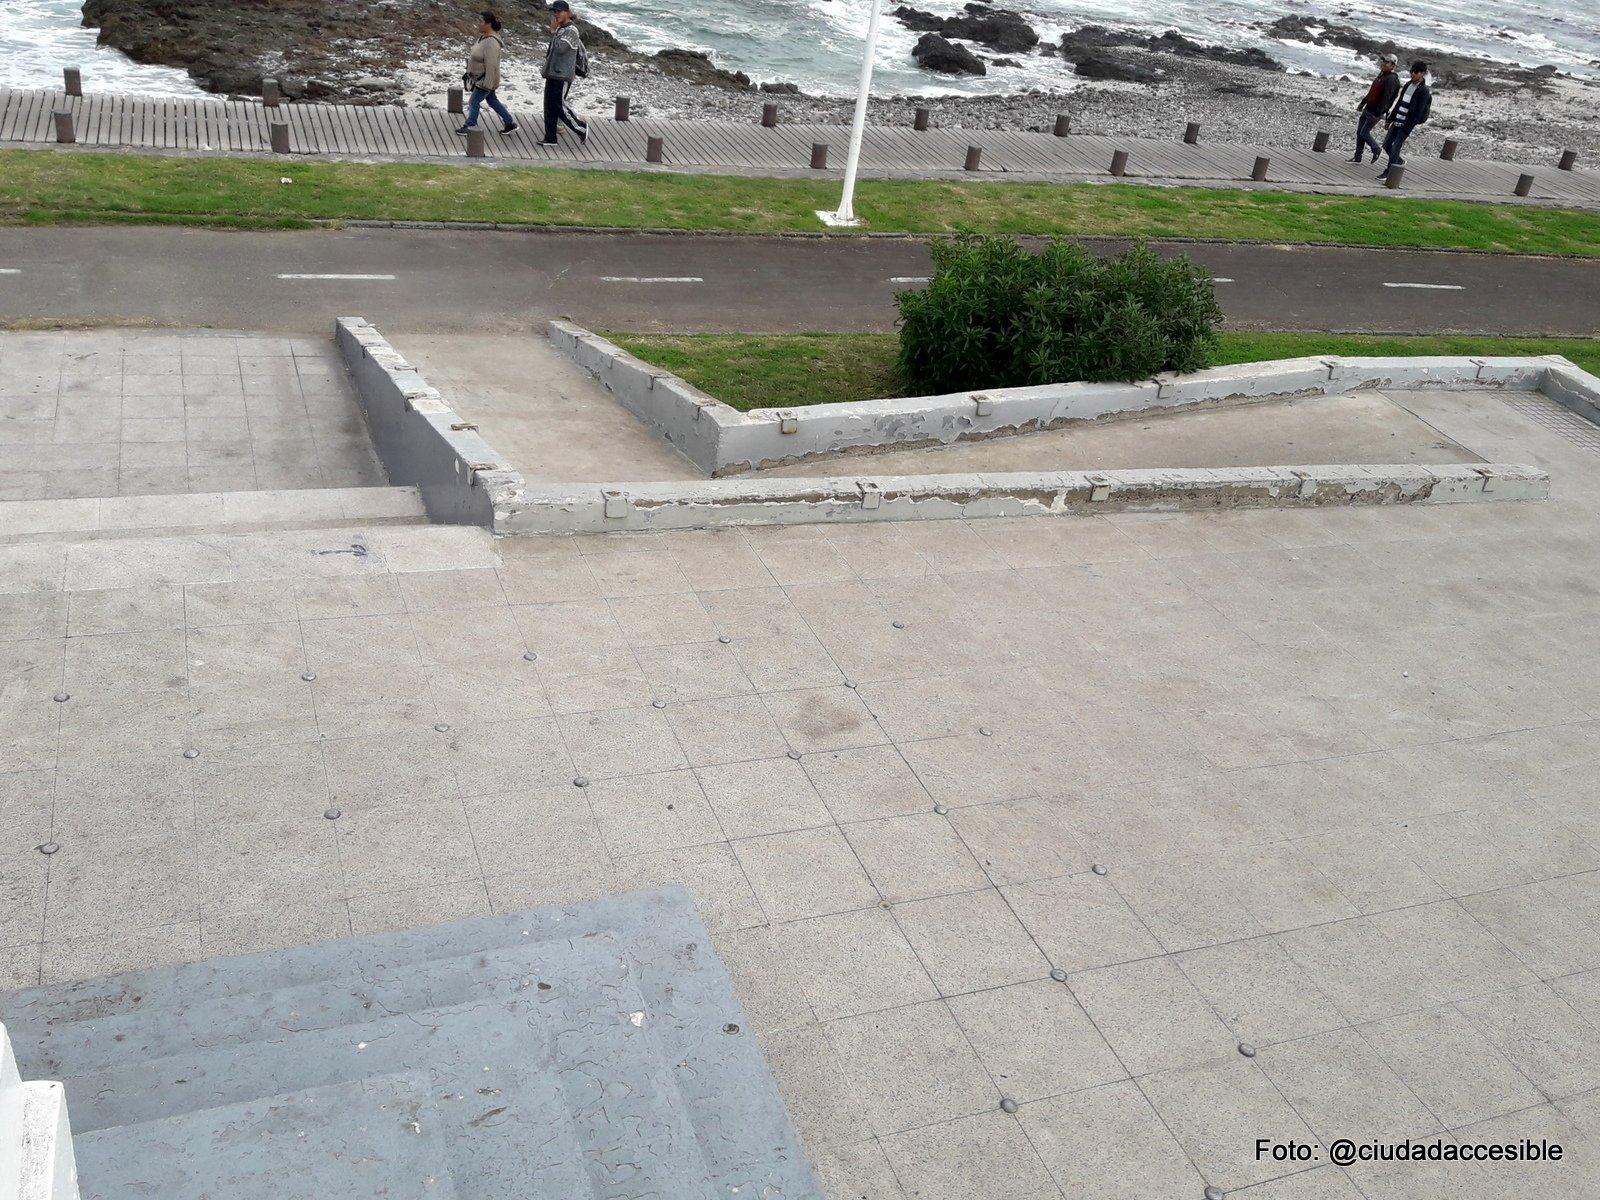 Rampa de circulación desde la Plaza Cristóbal Colón hacia el borde costero sin conexión peatonal llegando a la ciclovía